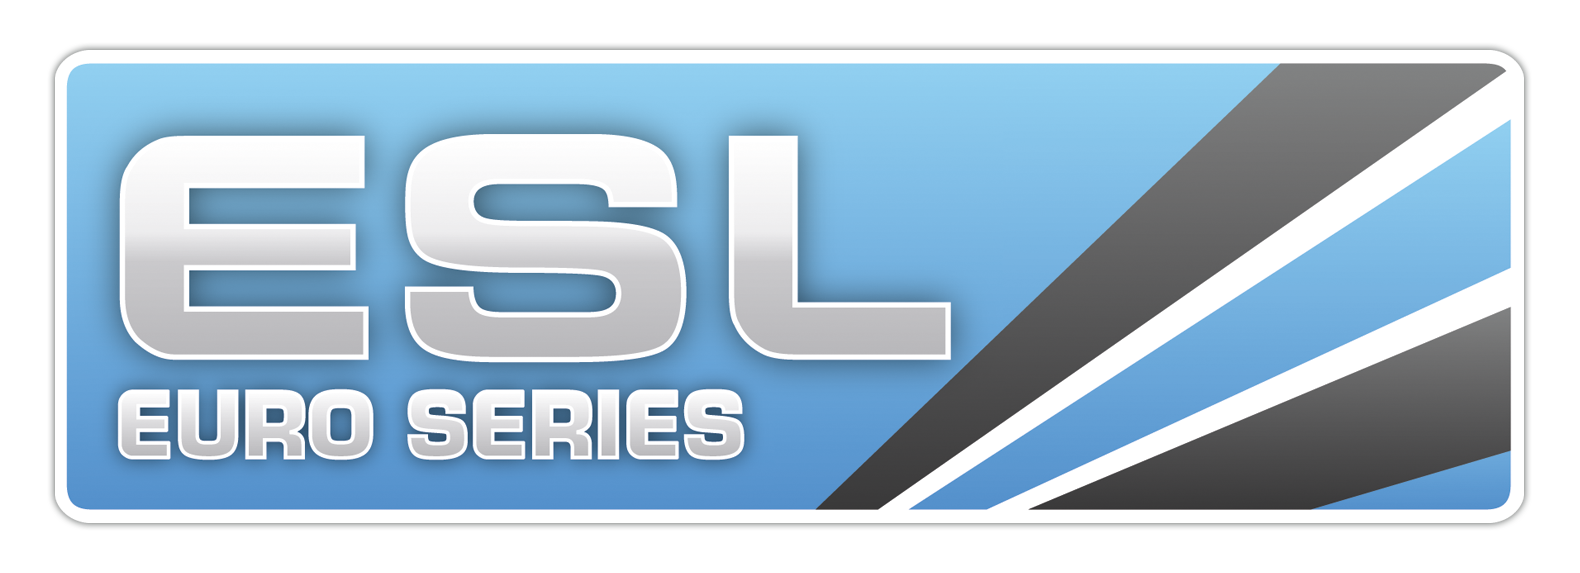 Euro Series Logo